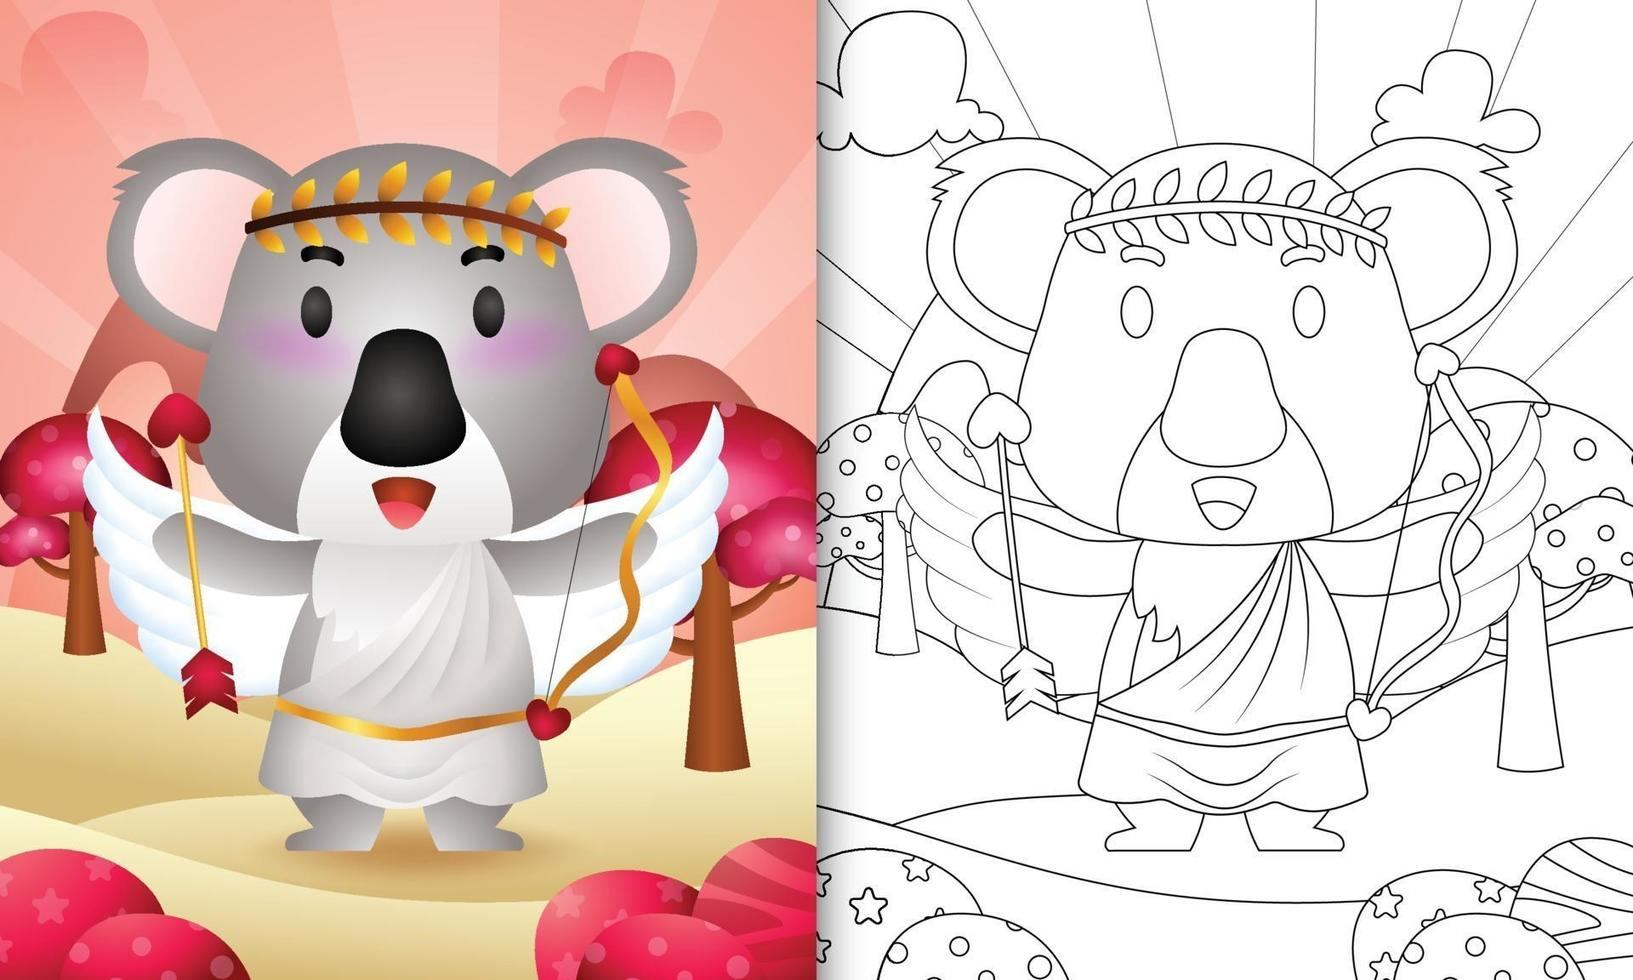 Livre de coloriage pour les enfants avec un ange koala mignon utilisant le costume de cupidon sur le thème de la Saint-Valentin vecteur